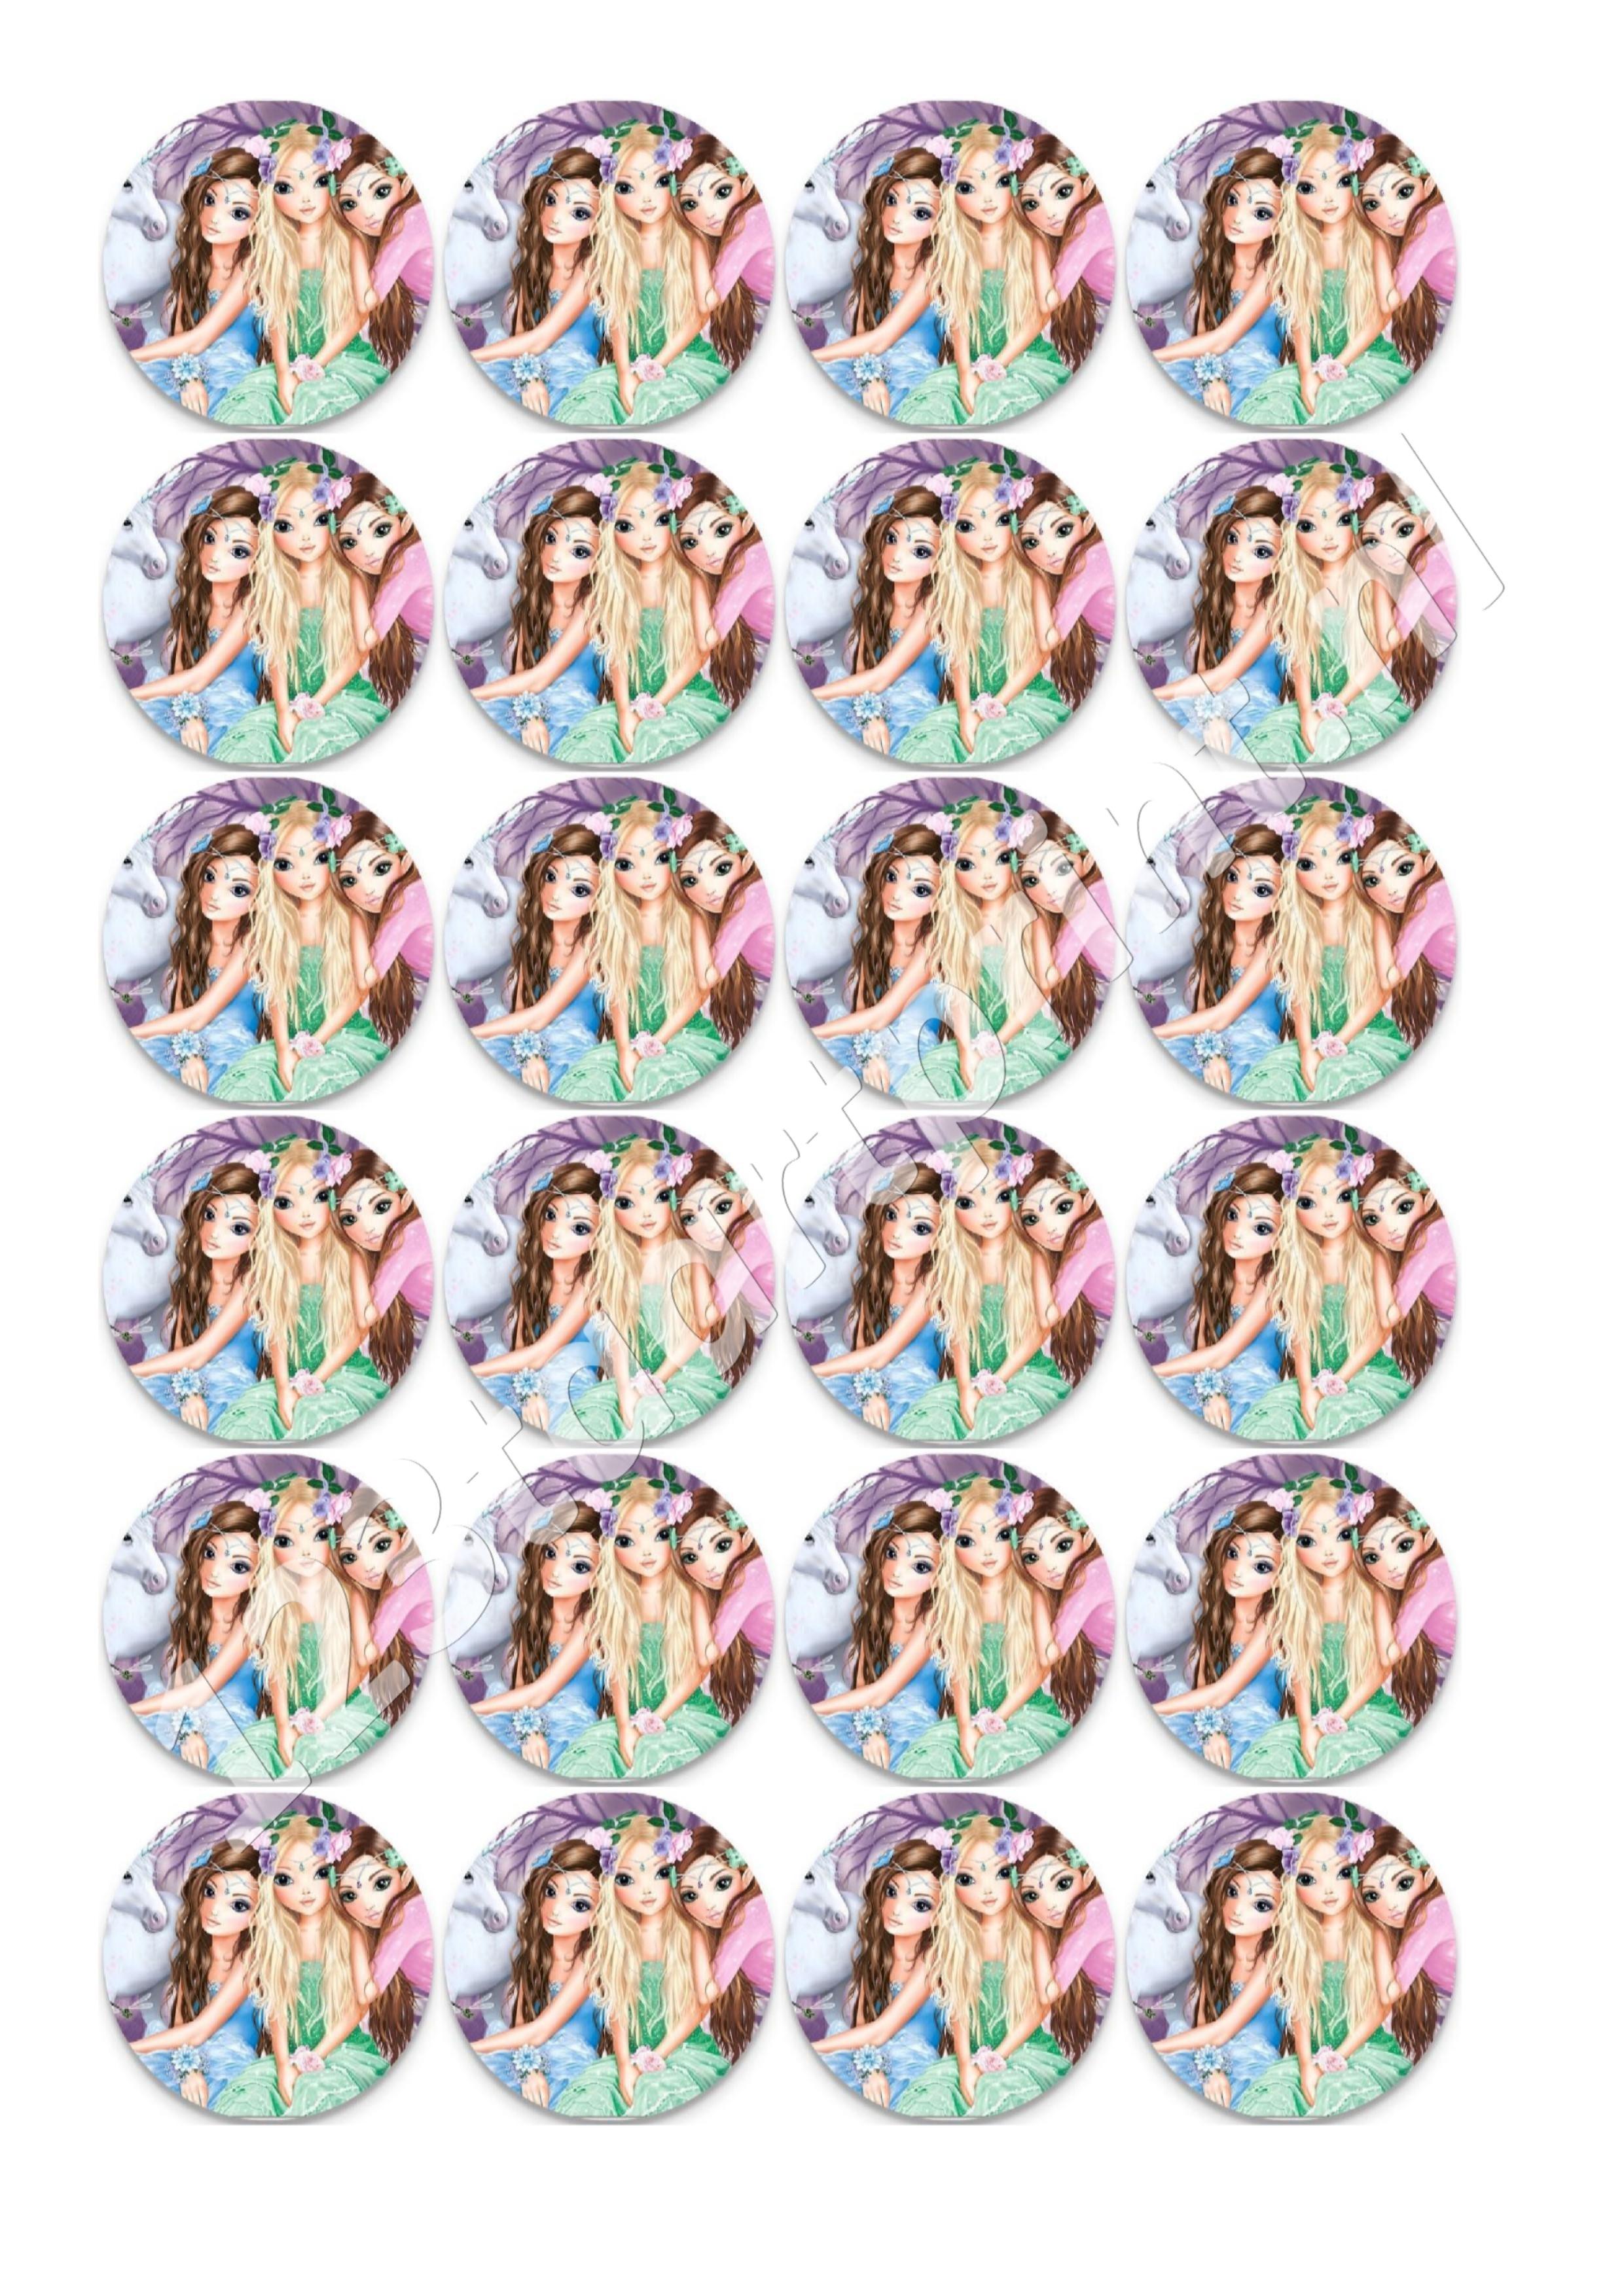 Topmodels rond cupcakes